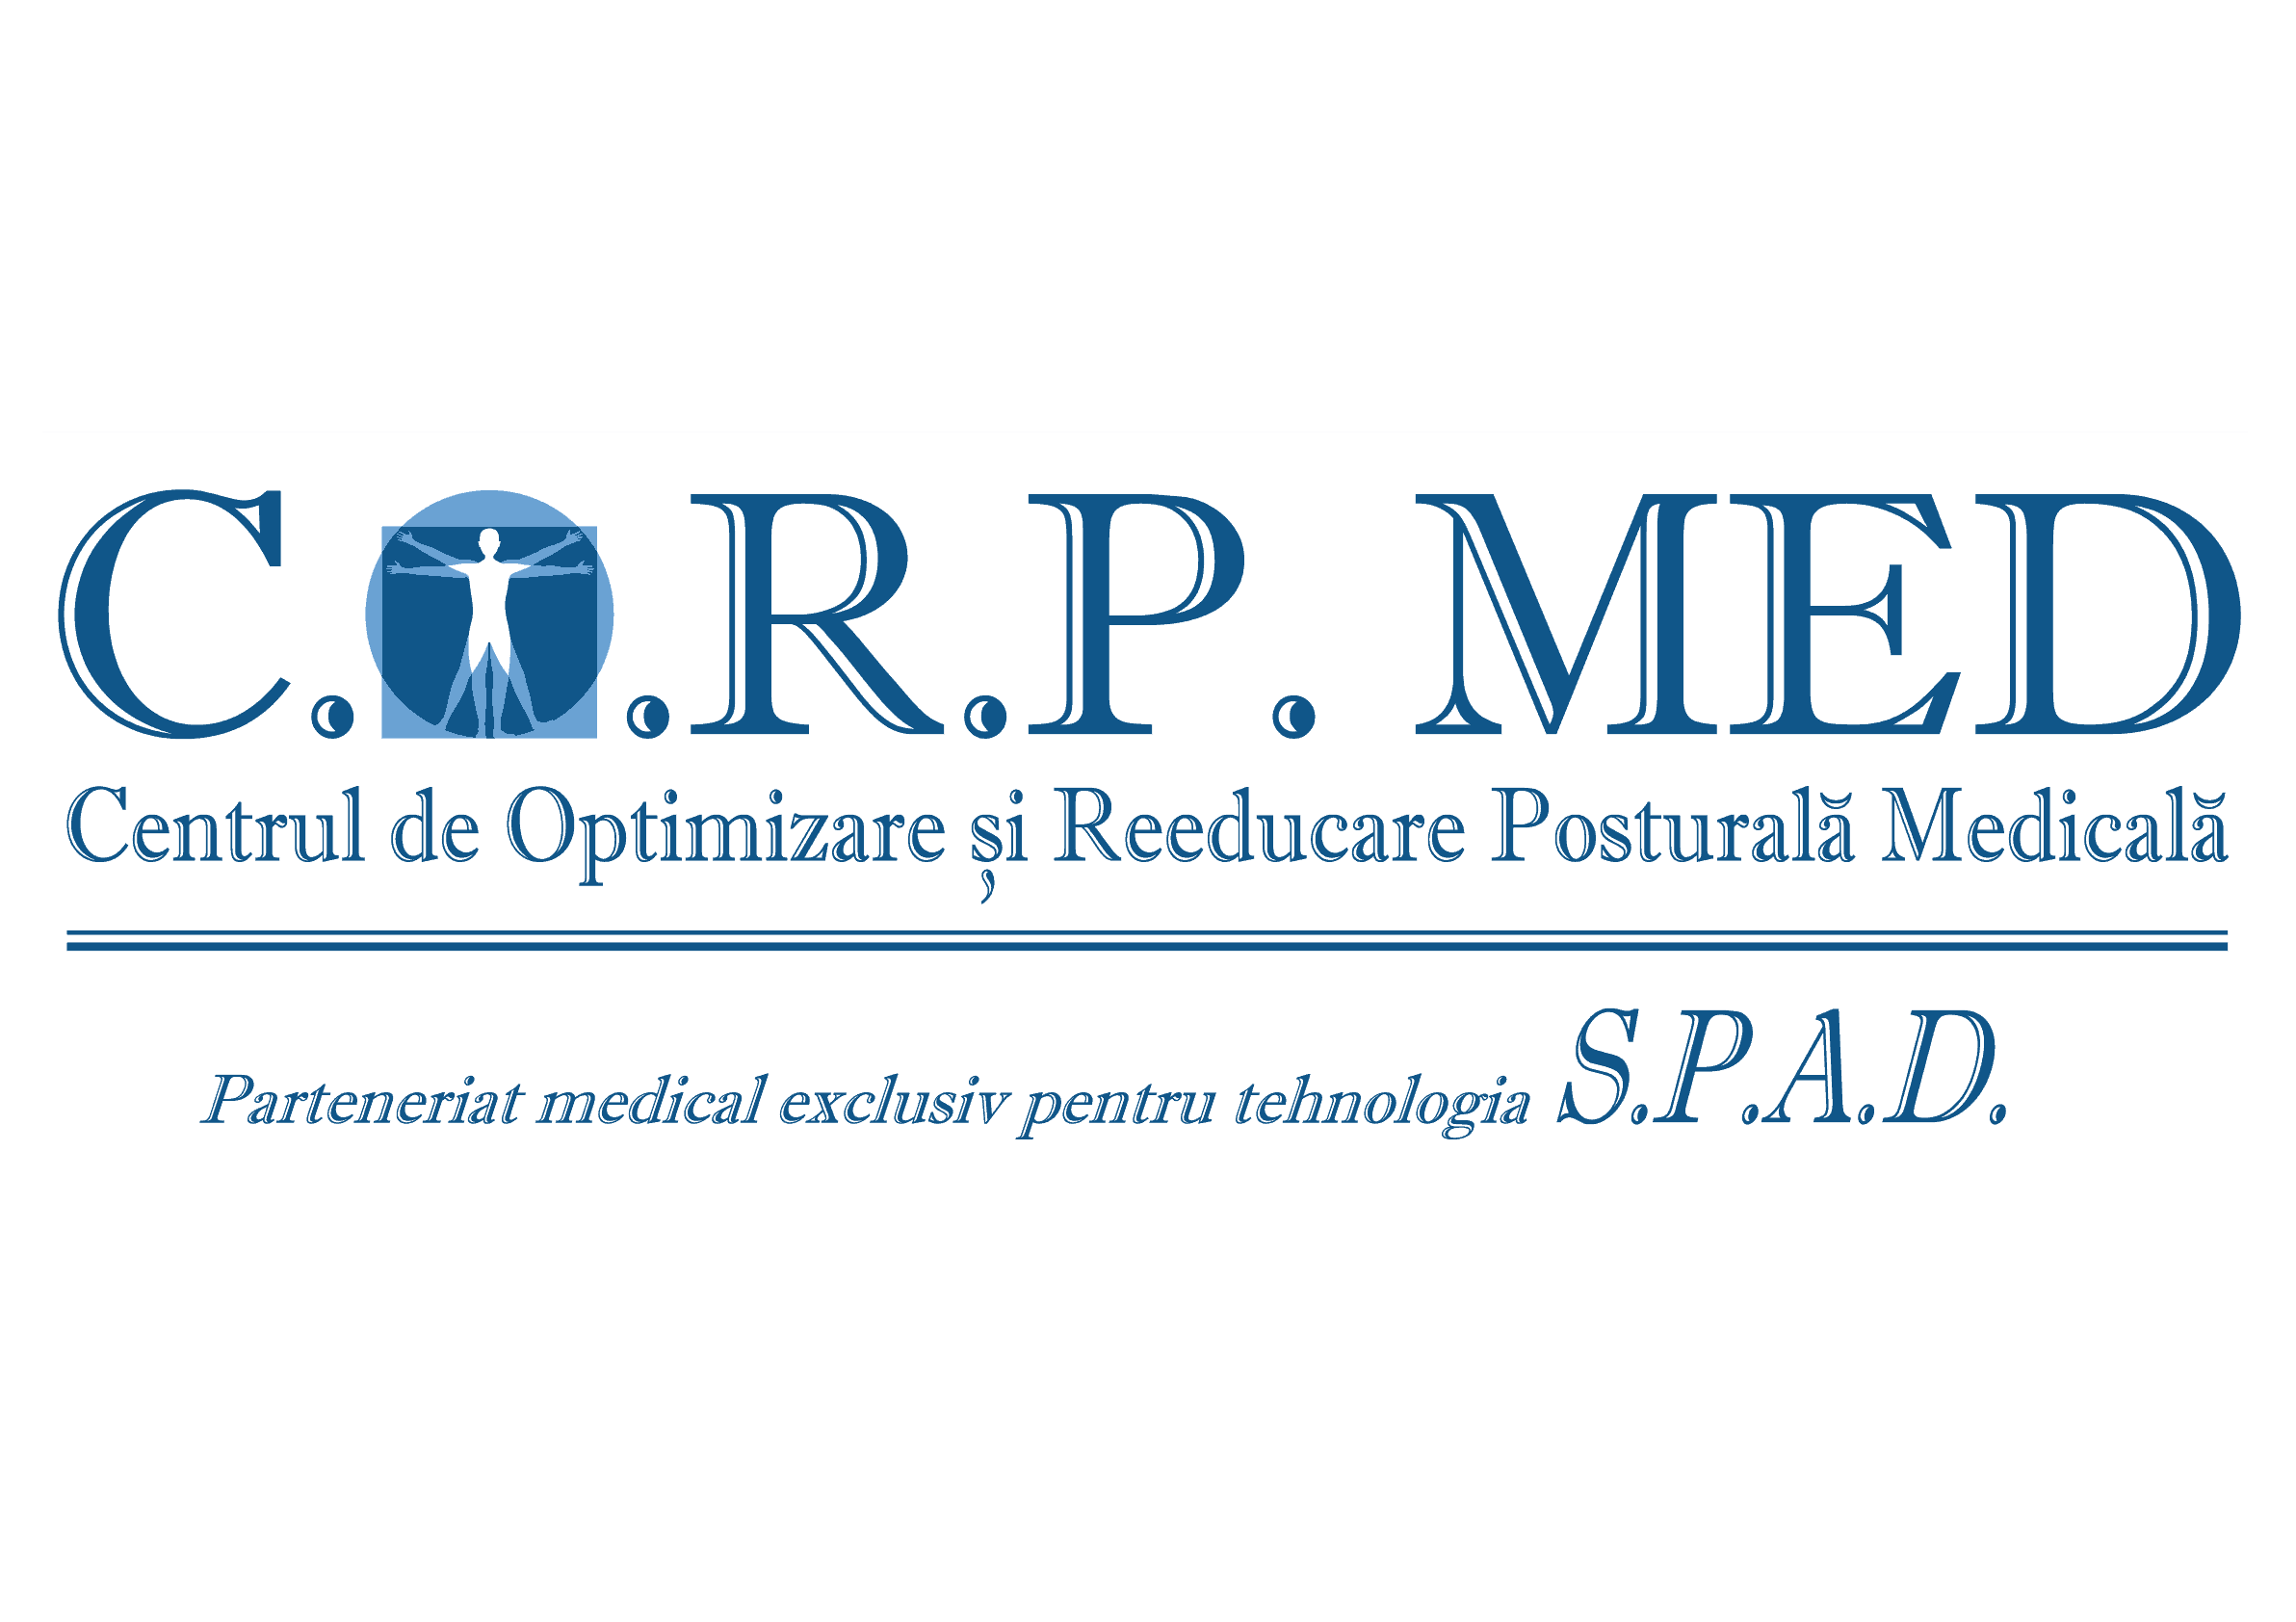 CORPMED Logo Full